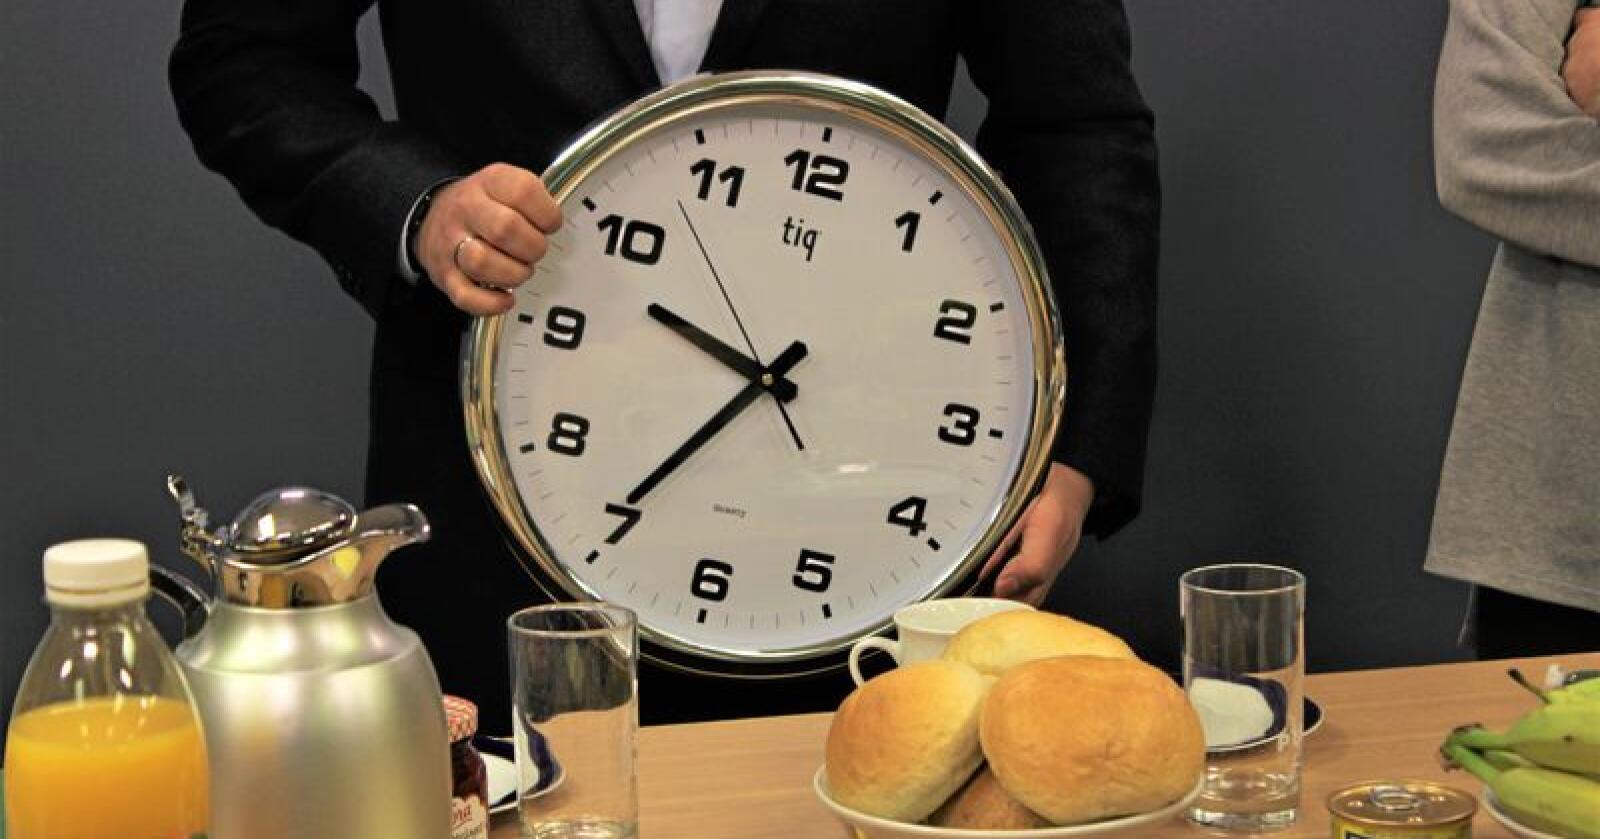 Søndag skal vi igjen stille klokka. Foto: Jon-Fredrik Klausen